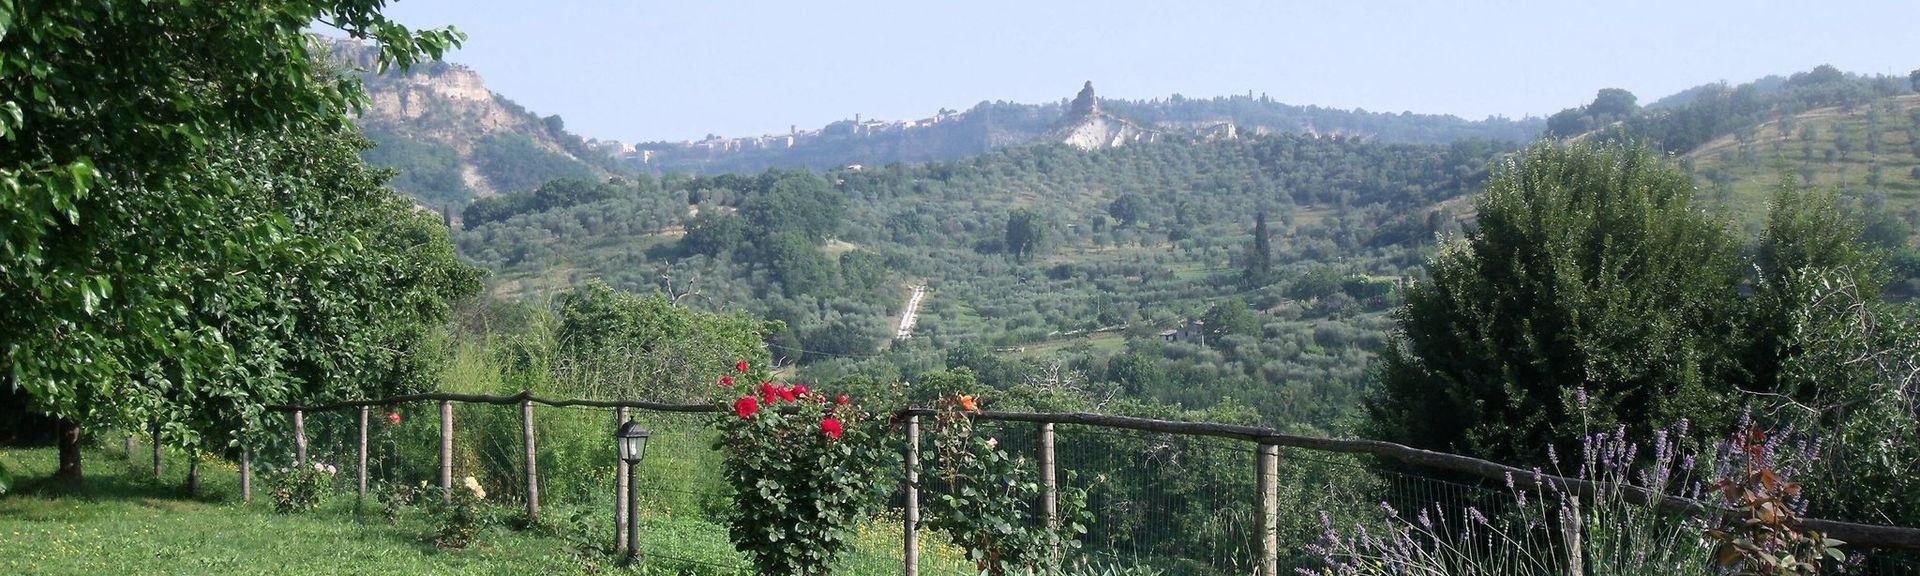 Castiglione in Teverina, Lácio, Itália